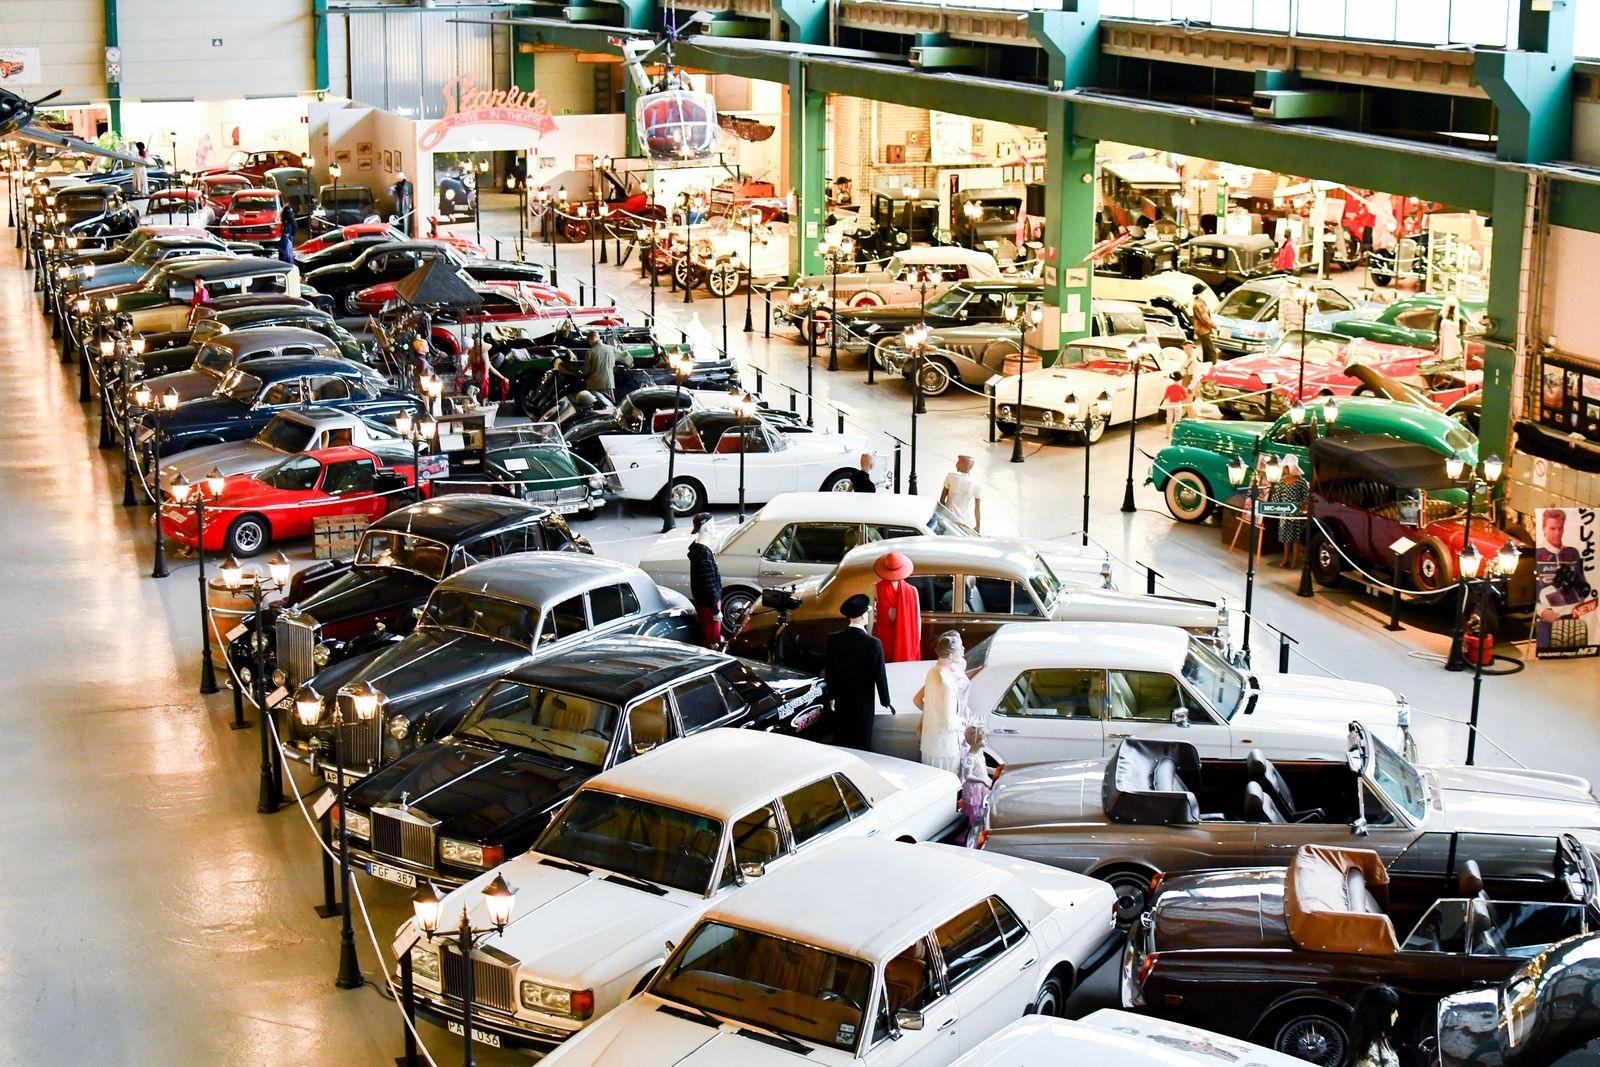 3500 kvadratmeter fylld med motornostalgi. Fredagen den 5 mars öppnar Autoseum för säsongen. Därefter är museet öppet fredag, lördag, söndag klockan 10.00–17.00.